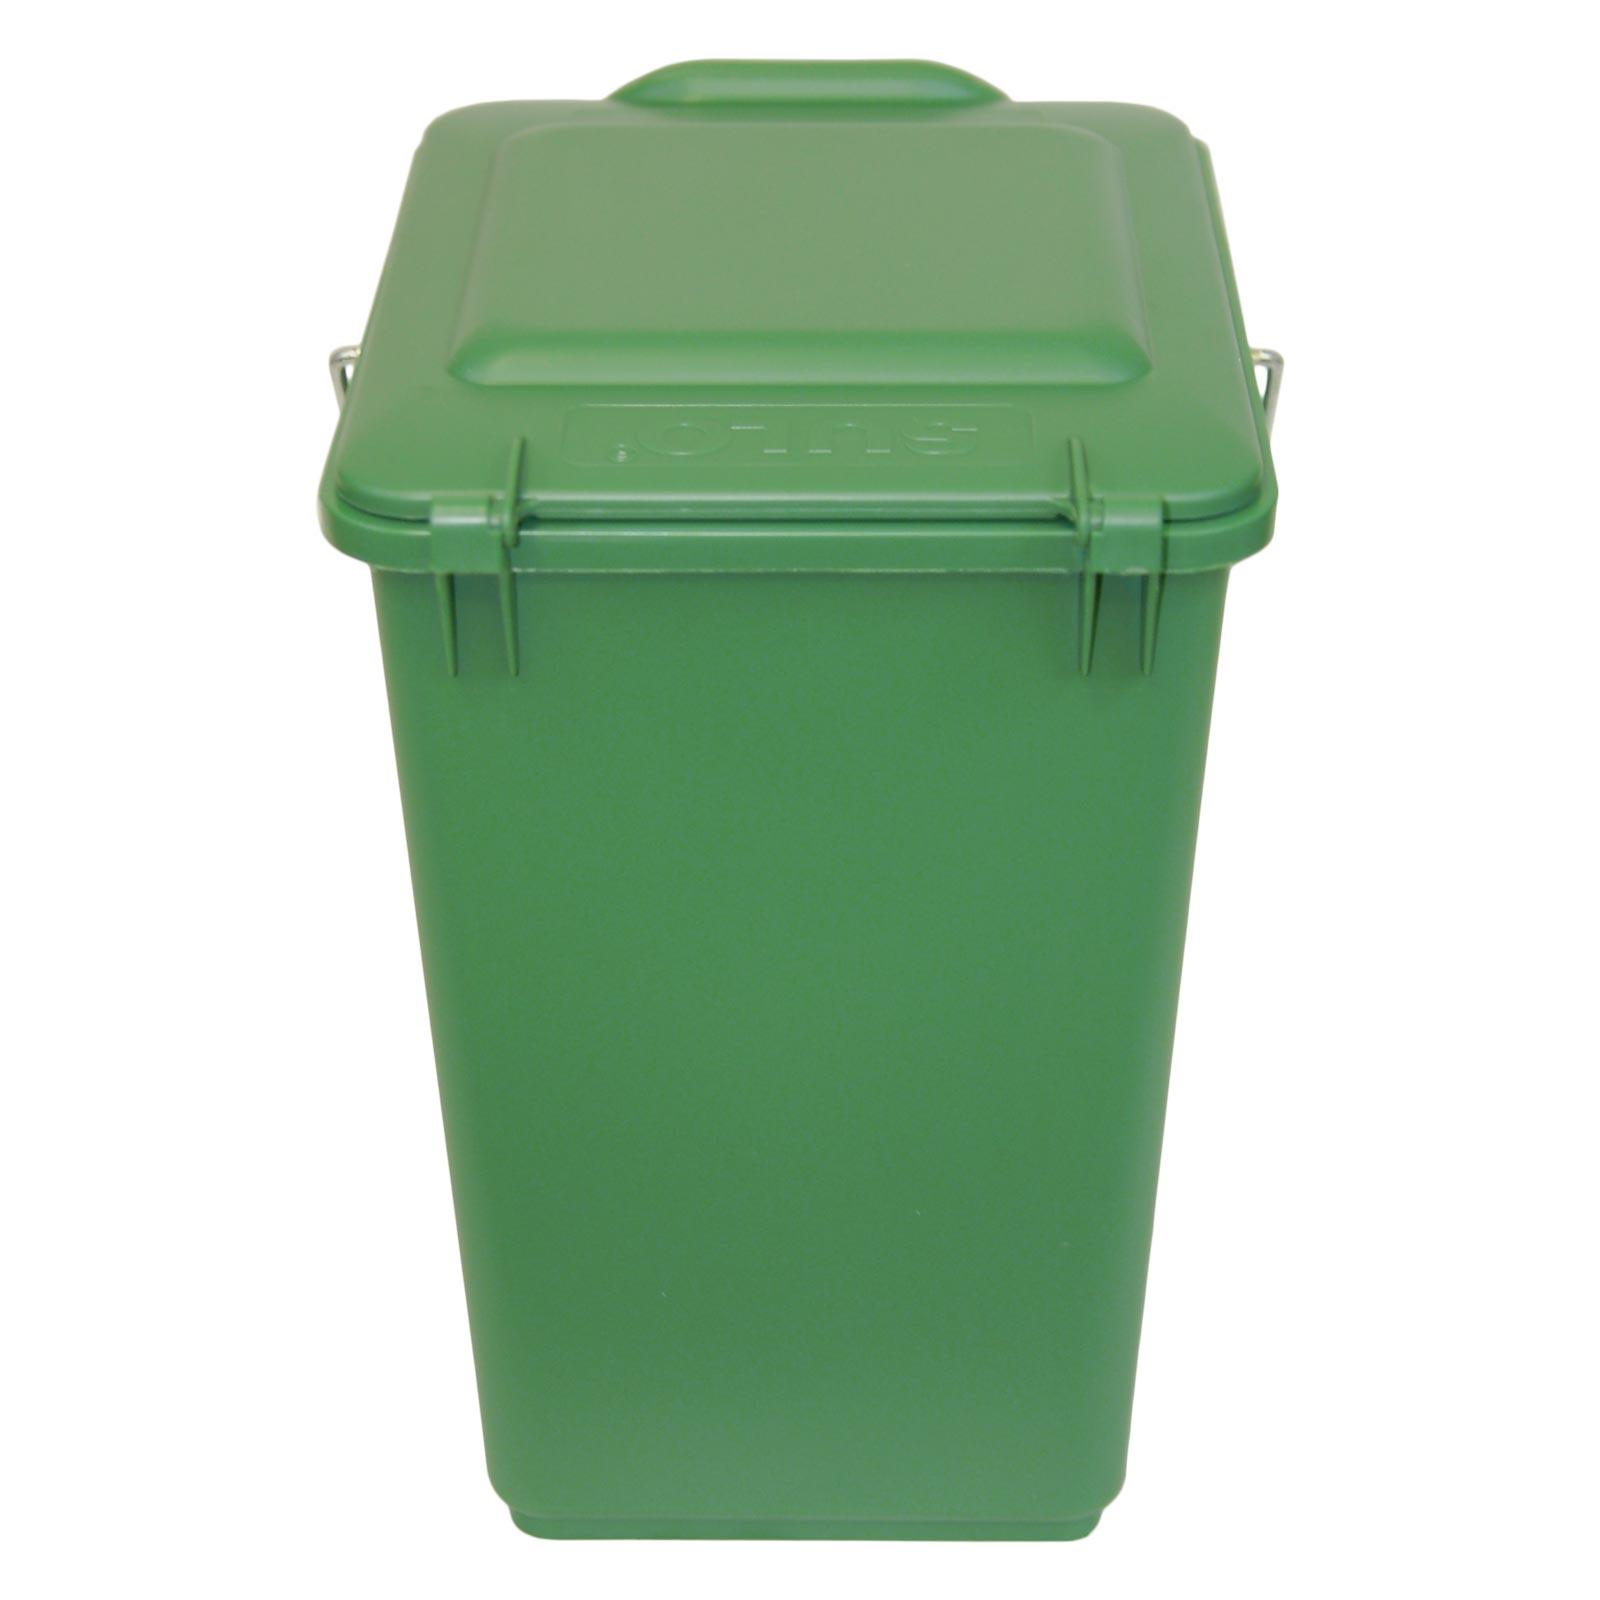 6 stück kompostbehälter sulo bio-boy grün mini biotonne garten